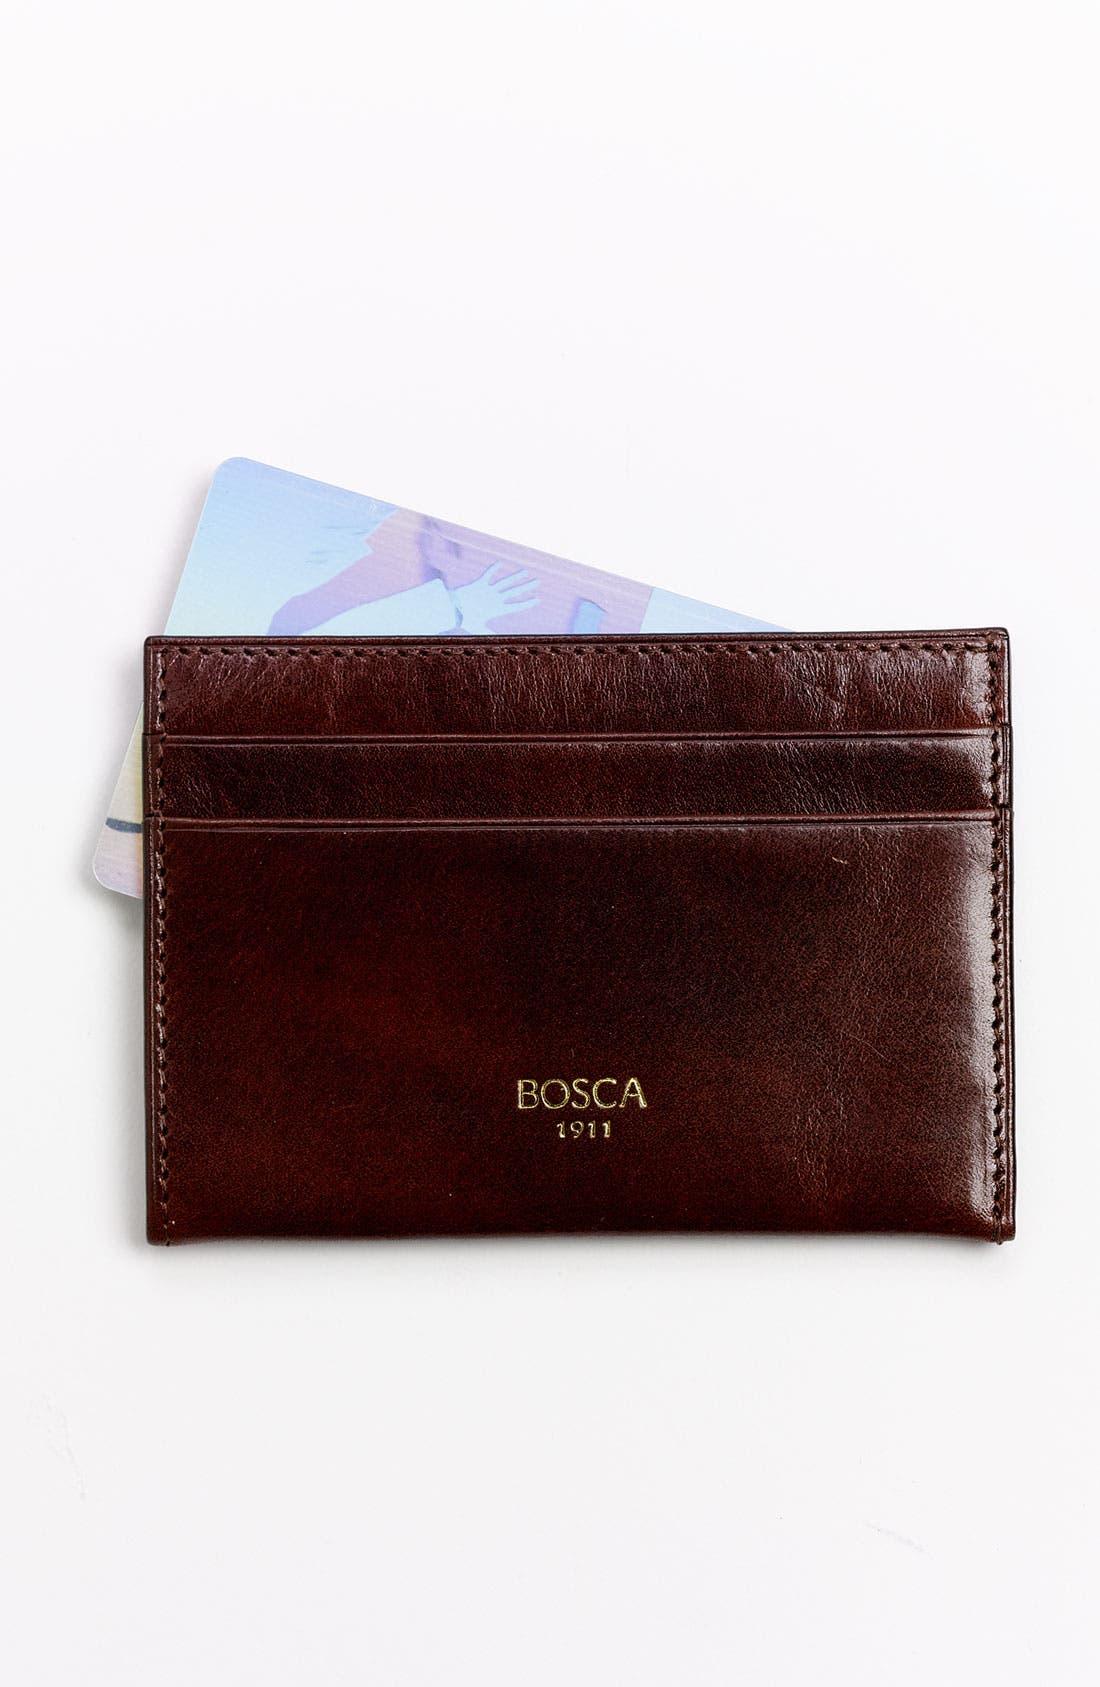 BOSCA 'Old Leather' Weekend Wallet, Main, color, DARK BROWN